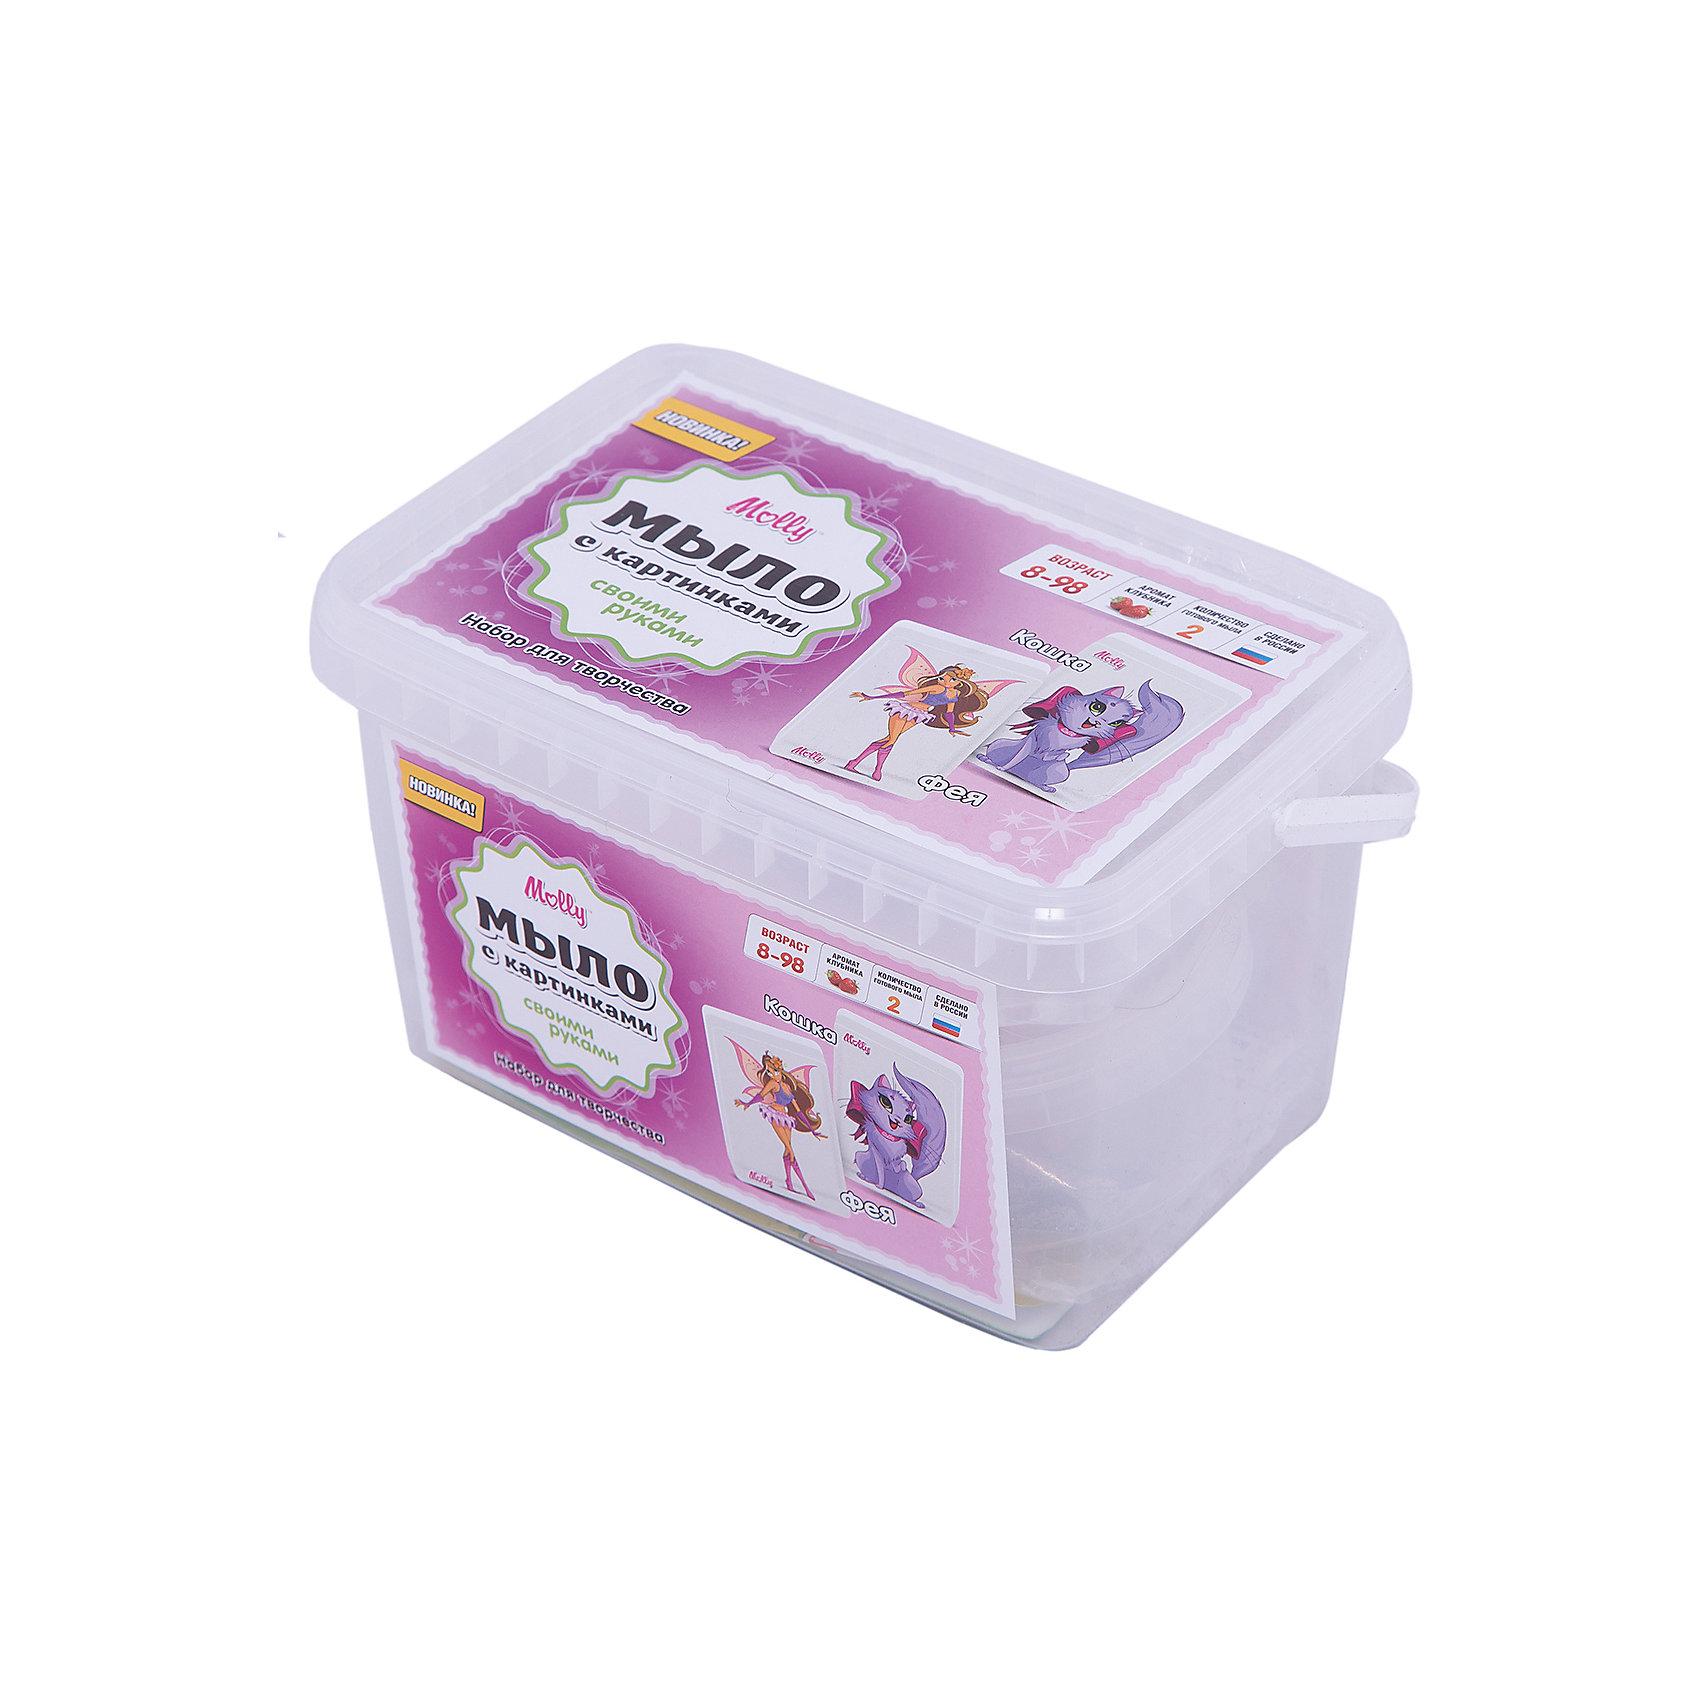 Мыло с картинками Фея и кошкаСоздание мыла<br>Оригинальное тематическое мыло, которое можно создать своими руками. В состав набора входит: мыльная основа 200гр., 2 красителя, 2 ароматизатора, 2 формы для мыла, емкость для плавления мыльной основы, одноразовые перчатки и подробная инструкция.<br><br>Ширина мм: 20<br>Глубина мм: 13<br>Высота мм: 11<br>Вес г: 250<br>Возраст от месяцев: 96<br>Возраст до месяцев: 144<br>Пол: Унисекс<br>Возраст: Детский<br>SKU: 5115177